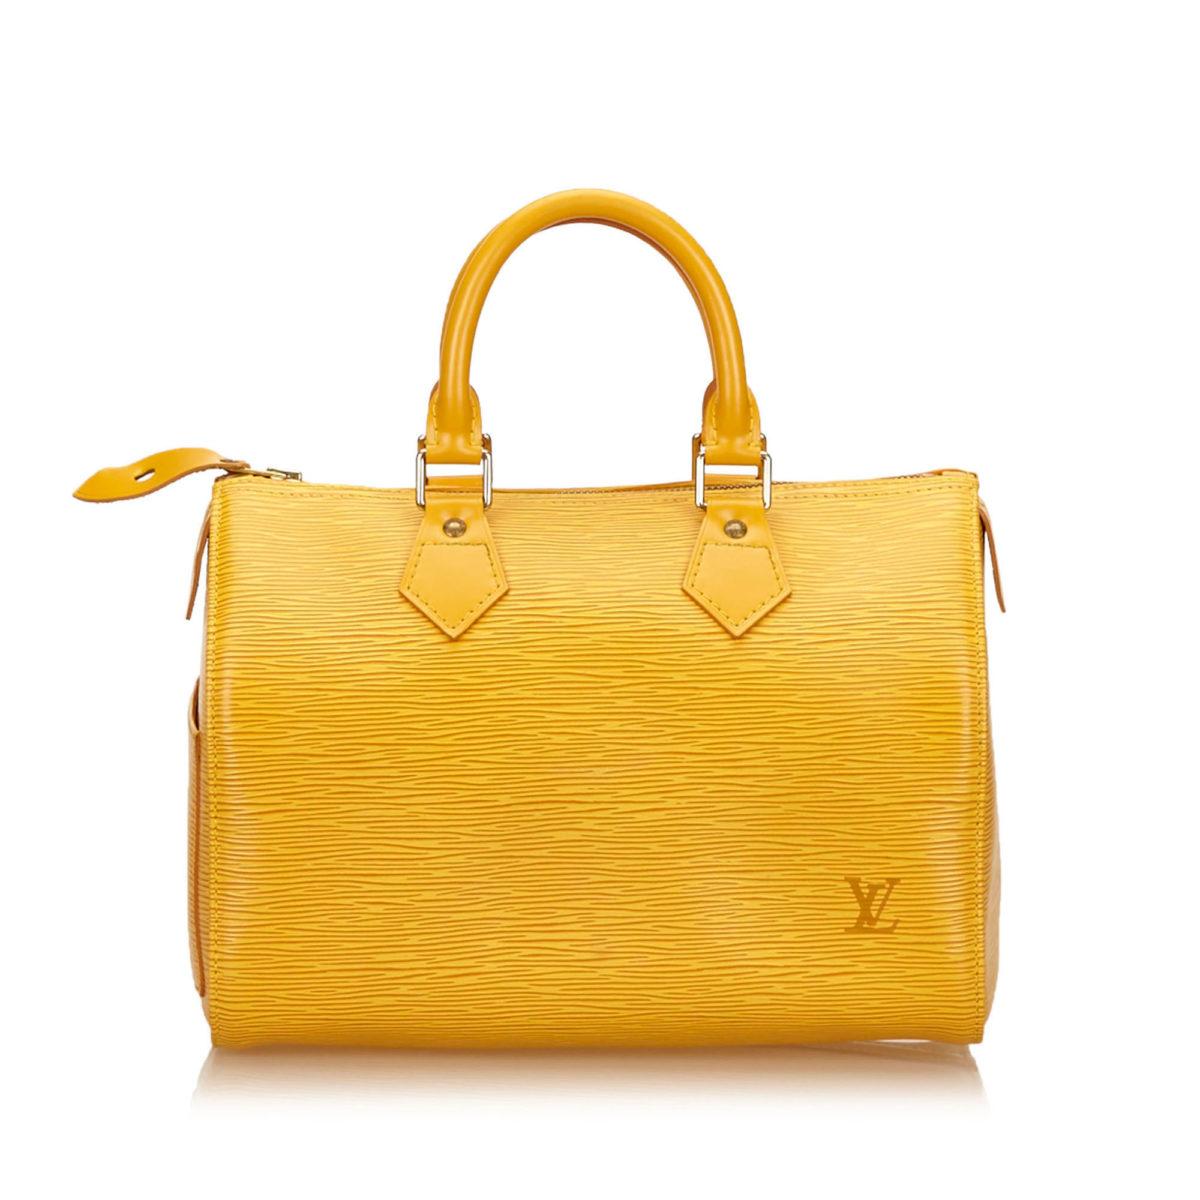 LOUIS VUITTON Yellow Epi Speedy 25  770702648eb0